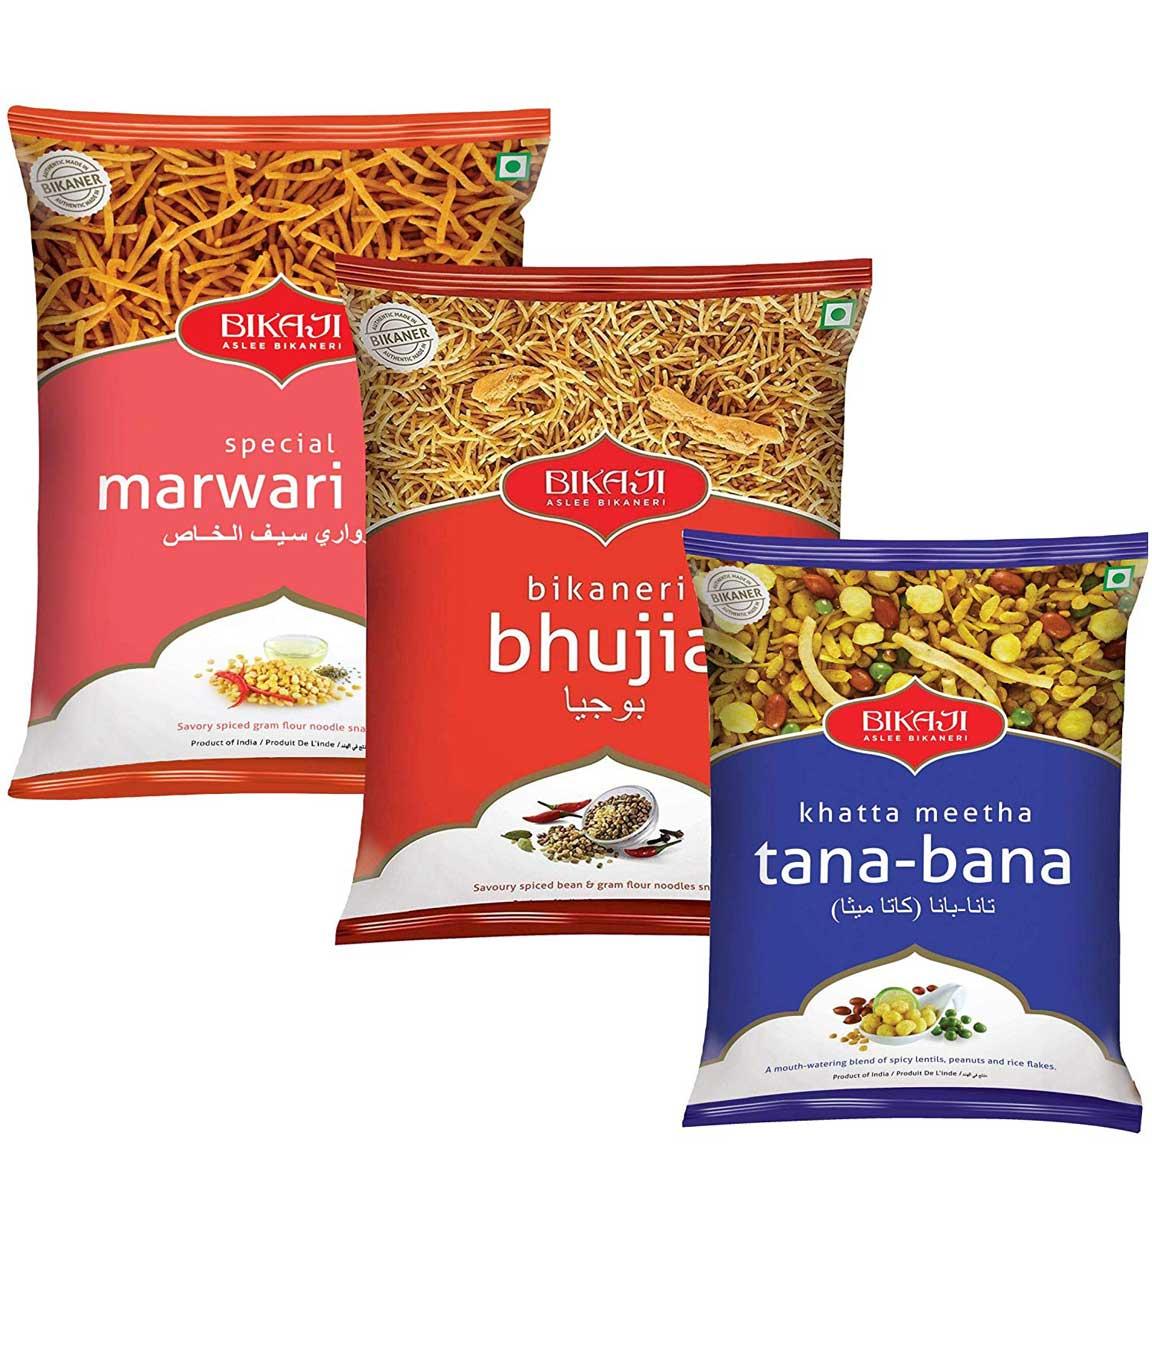 Bikaji Combo Pack - Special Marwari Sev 400gm -Bikaneri Bhujia 400gm - Khattha Meetha Tana-Bana 400g - Indian Namkeen Snack - (Pack of 3)